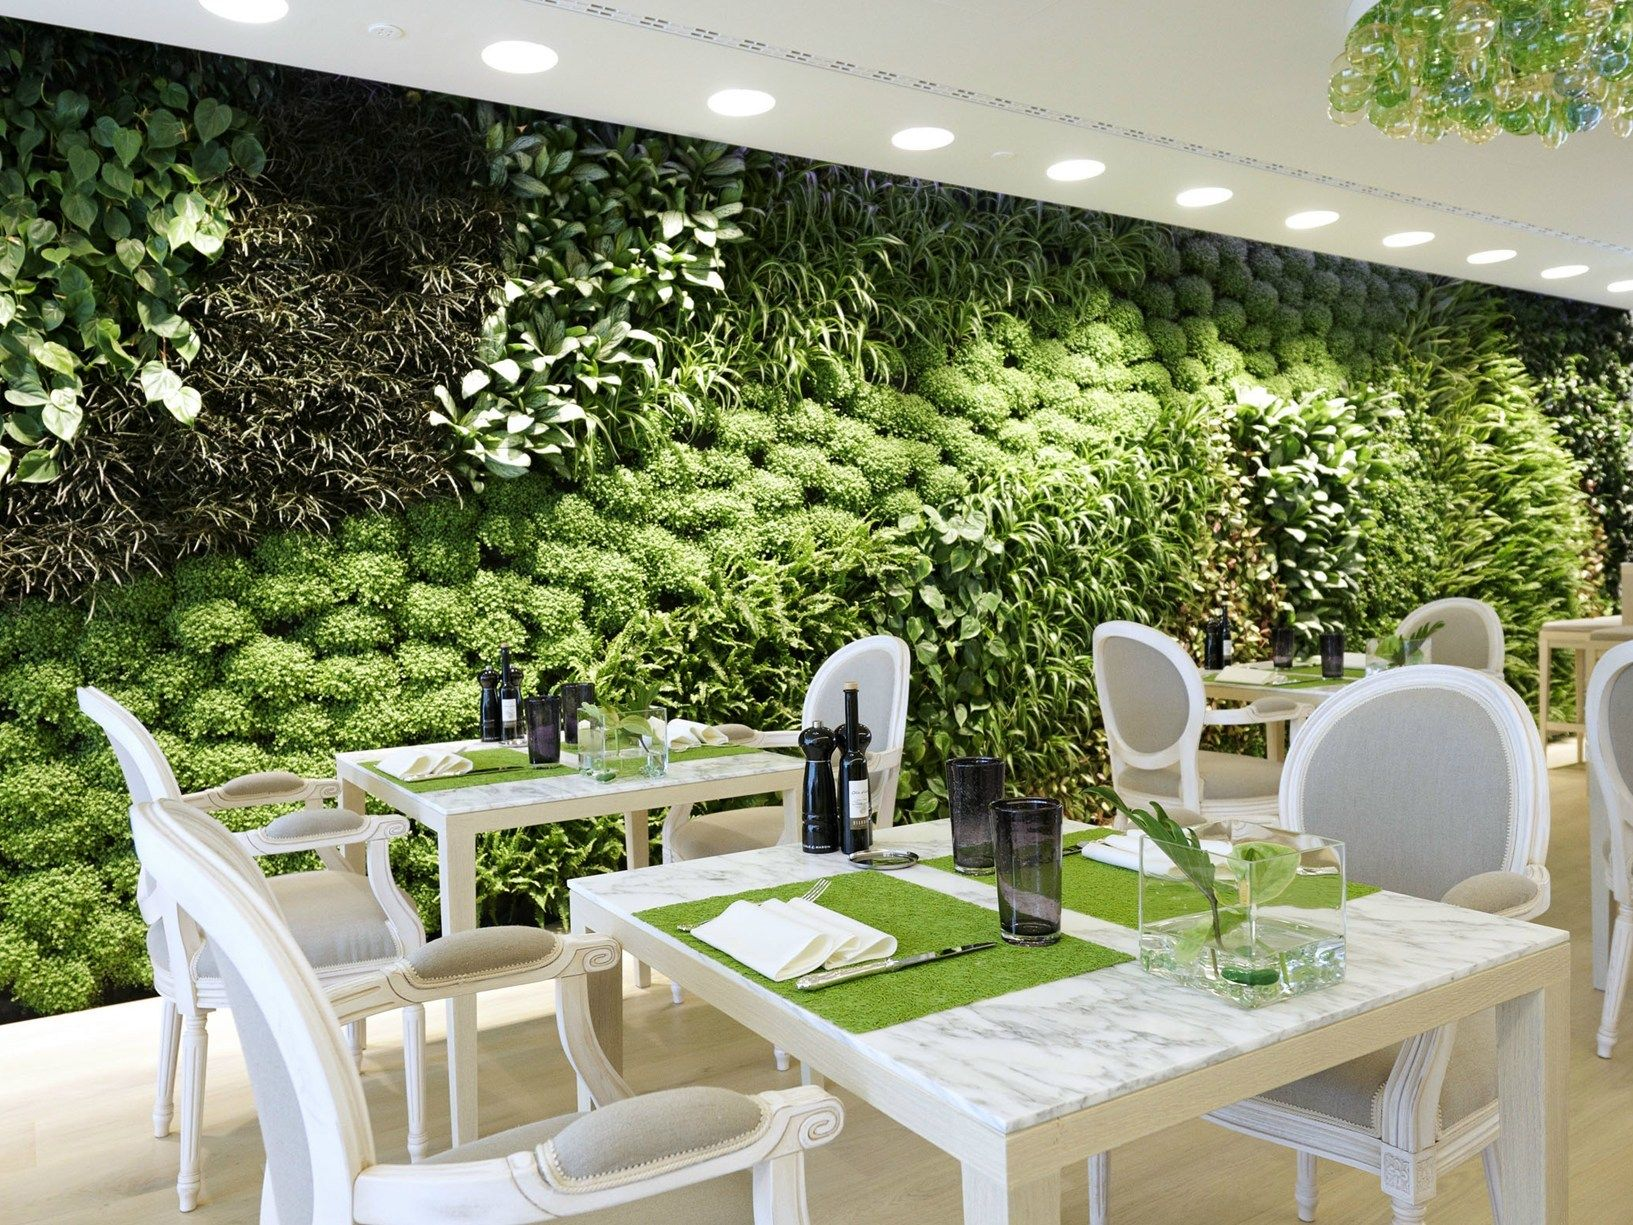 Il giardino restaurant buzzi buzzi per il progetto for Giardino verticale interno